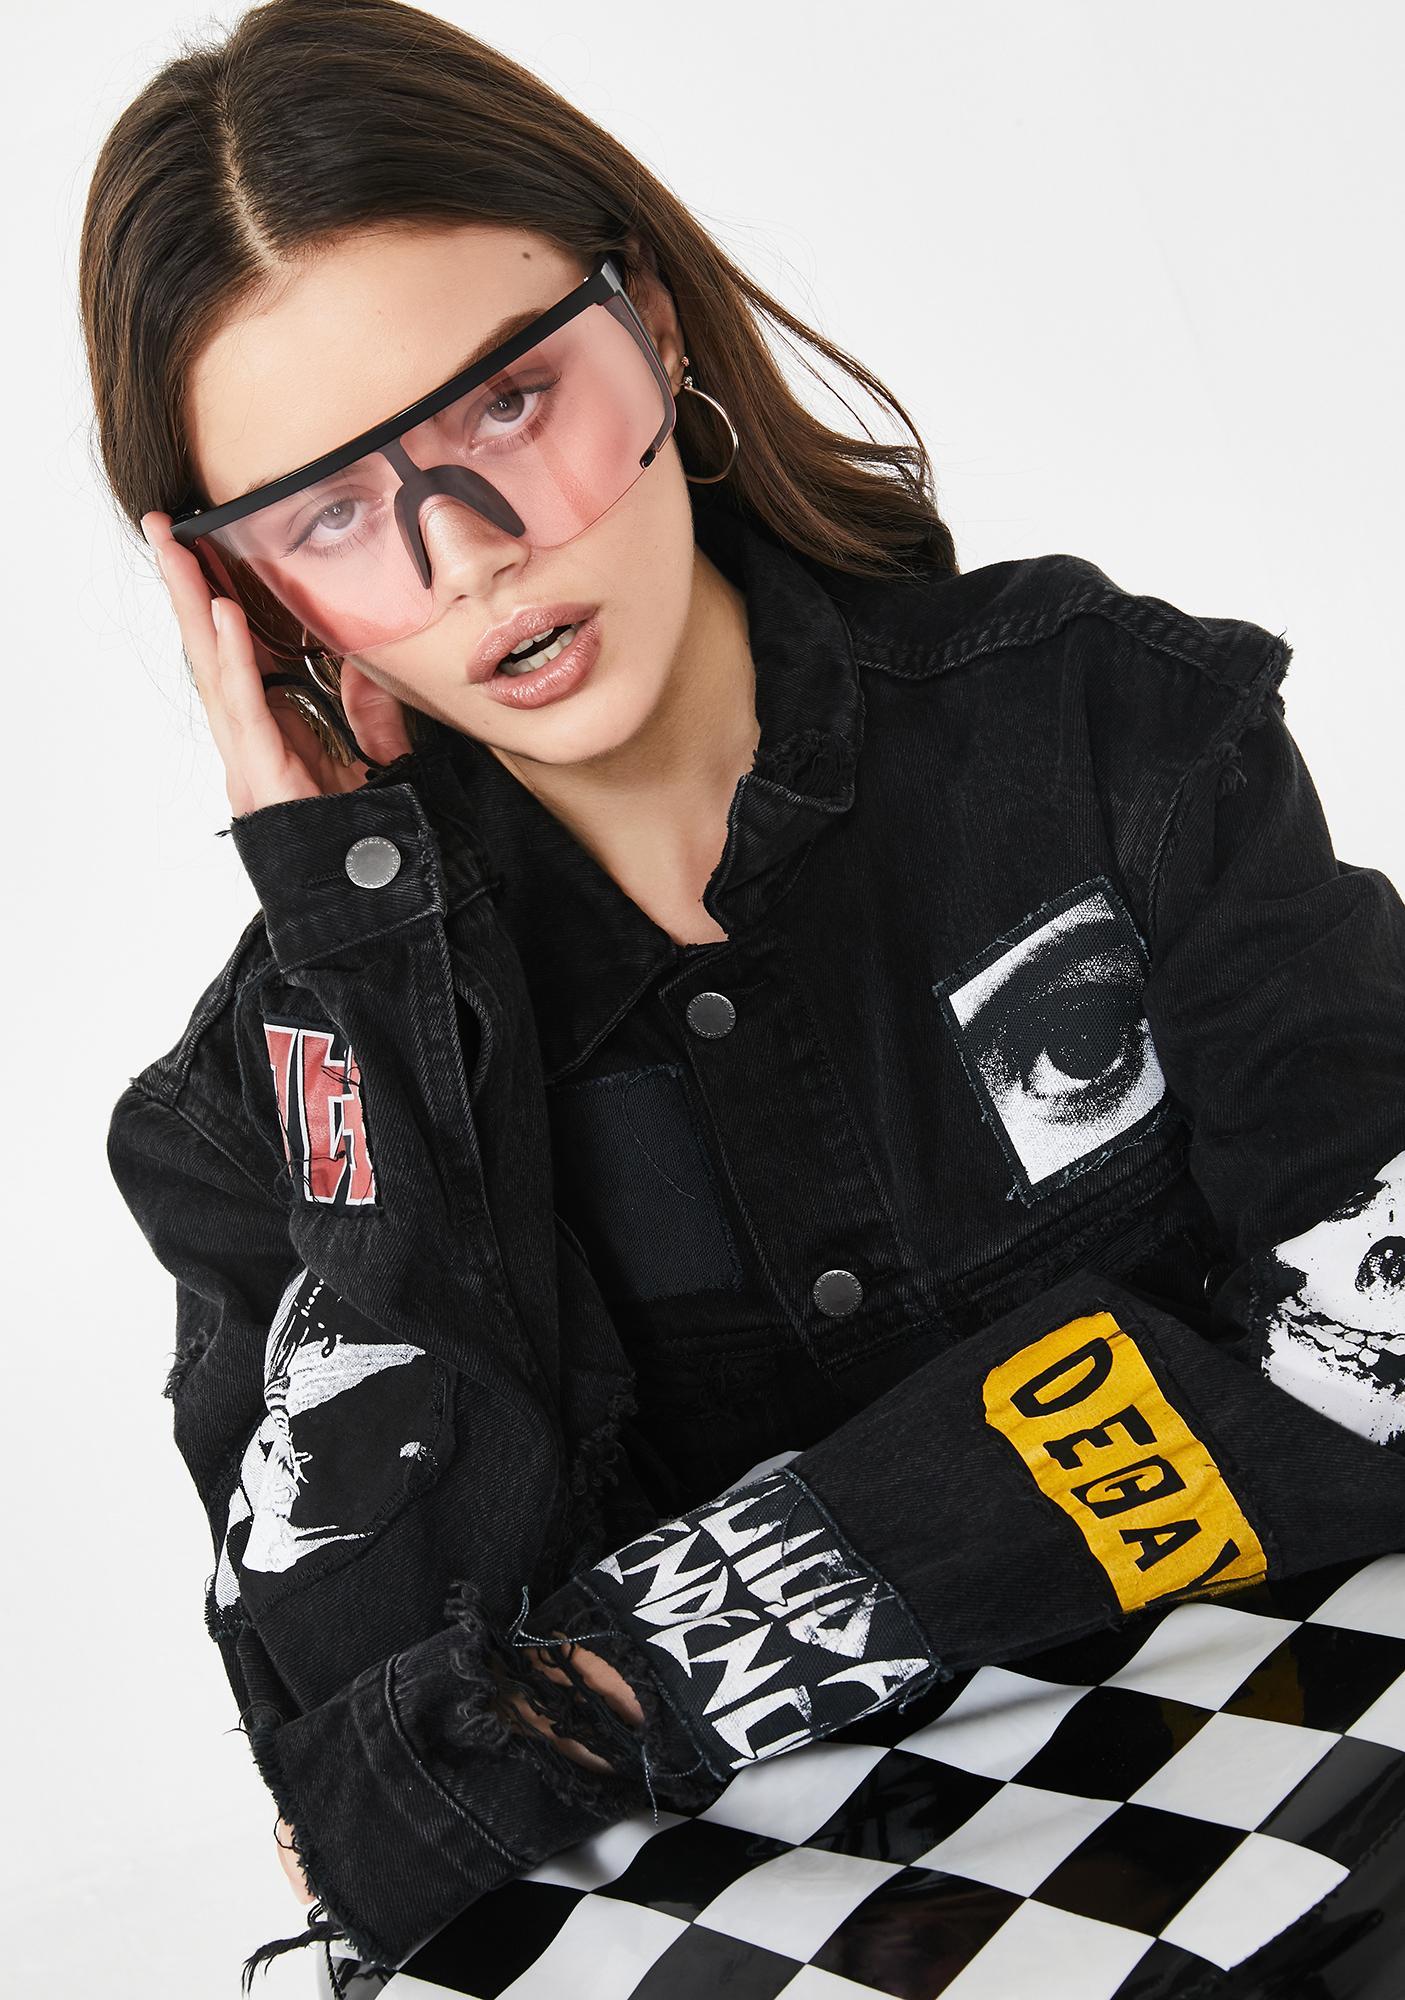 Miss Boat Rockin' Shield Sunglasses